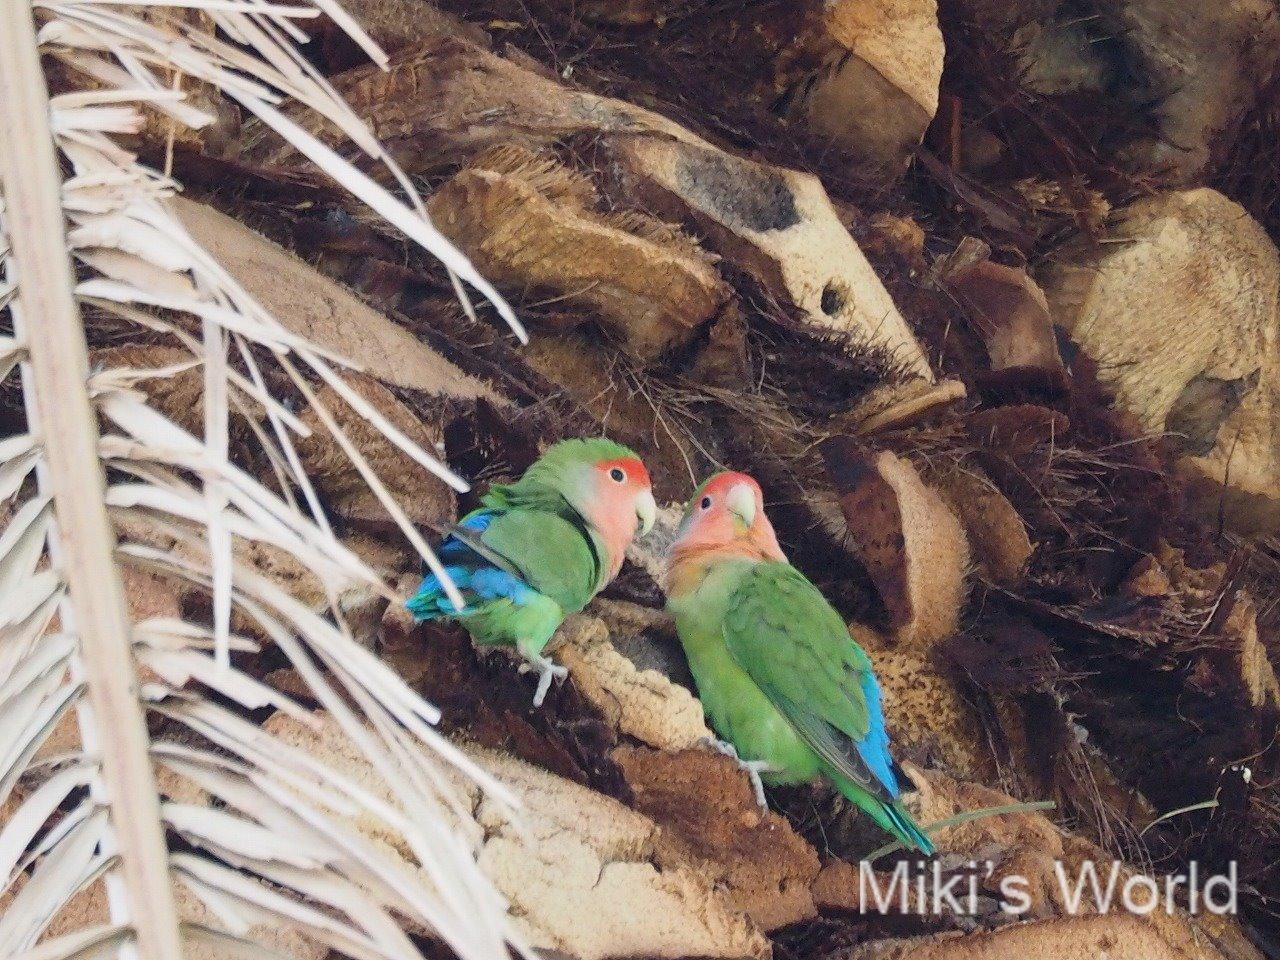 野生のコザクラインコ 2015年アリゾナ州の鳥になった移入種コザクラインコ